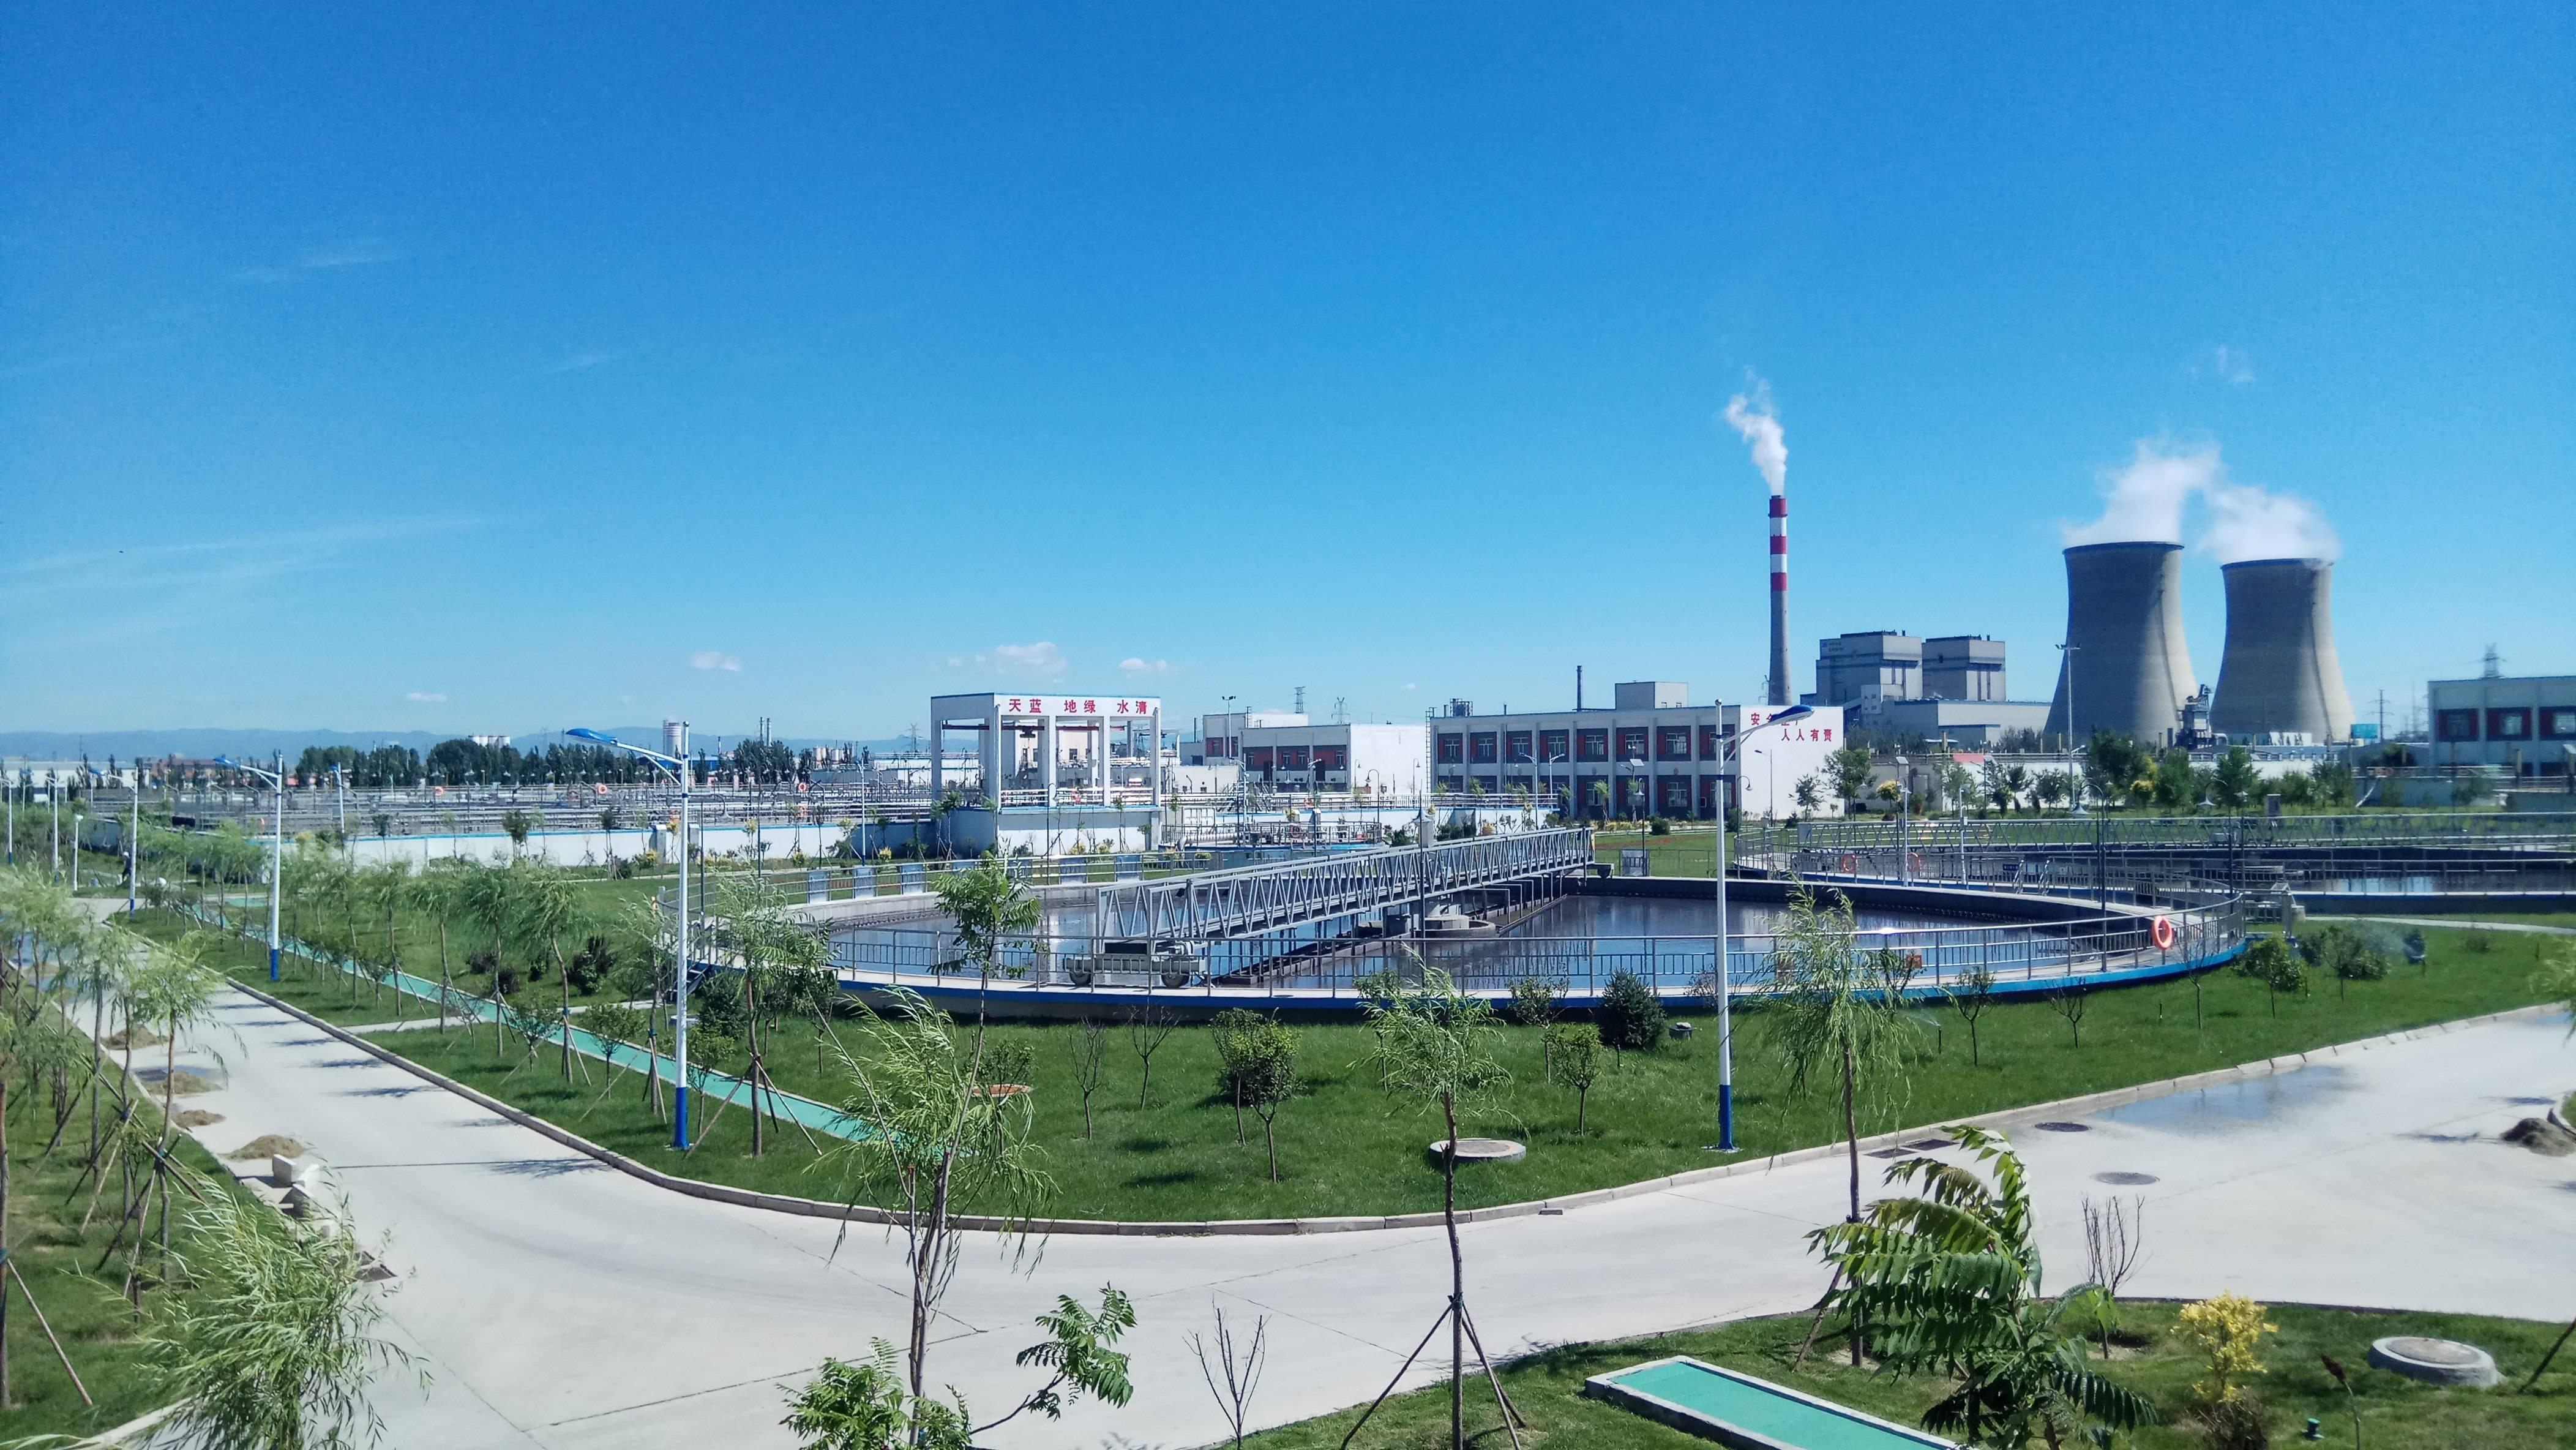 工业园区——呼和浩特市金桥污水处理厂提标扩建项目